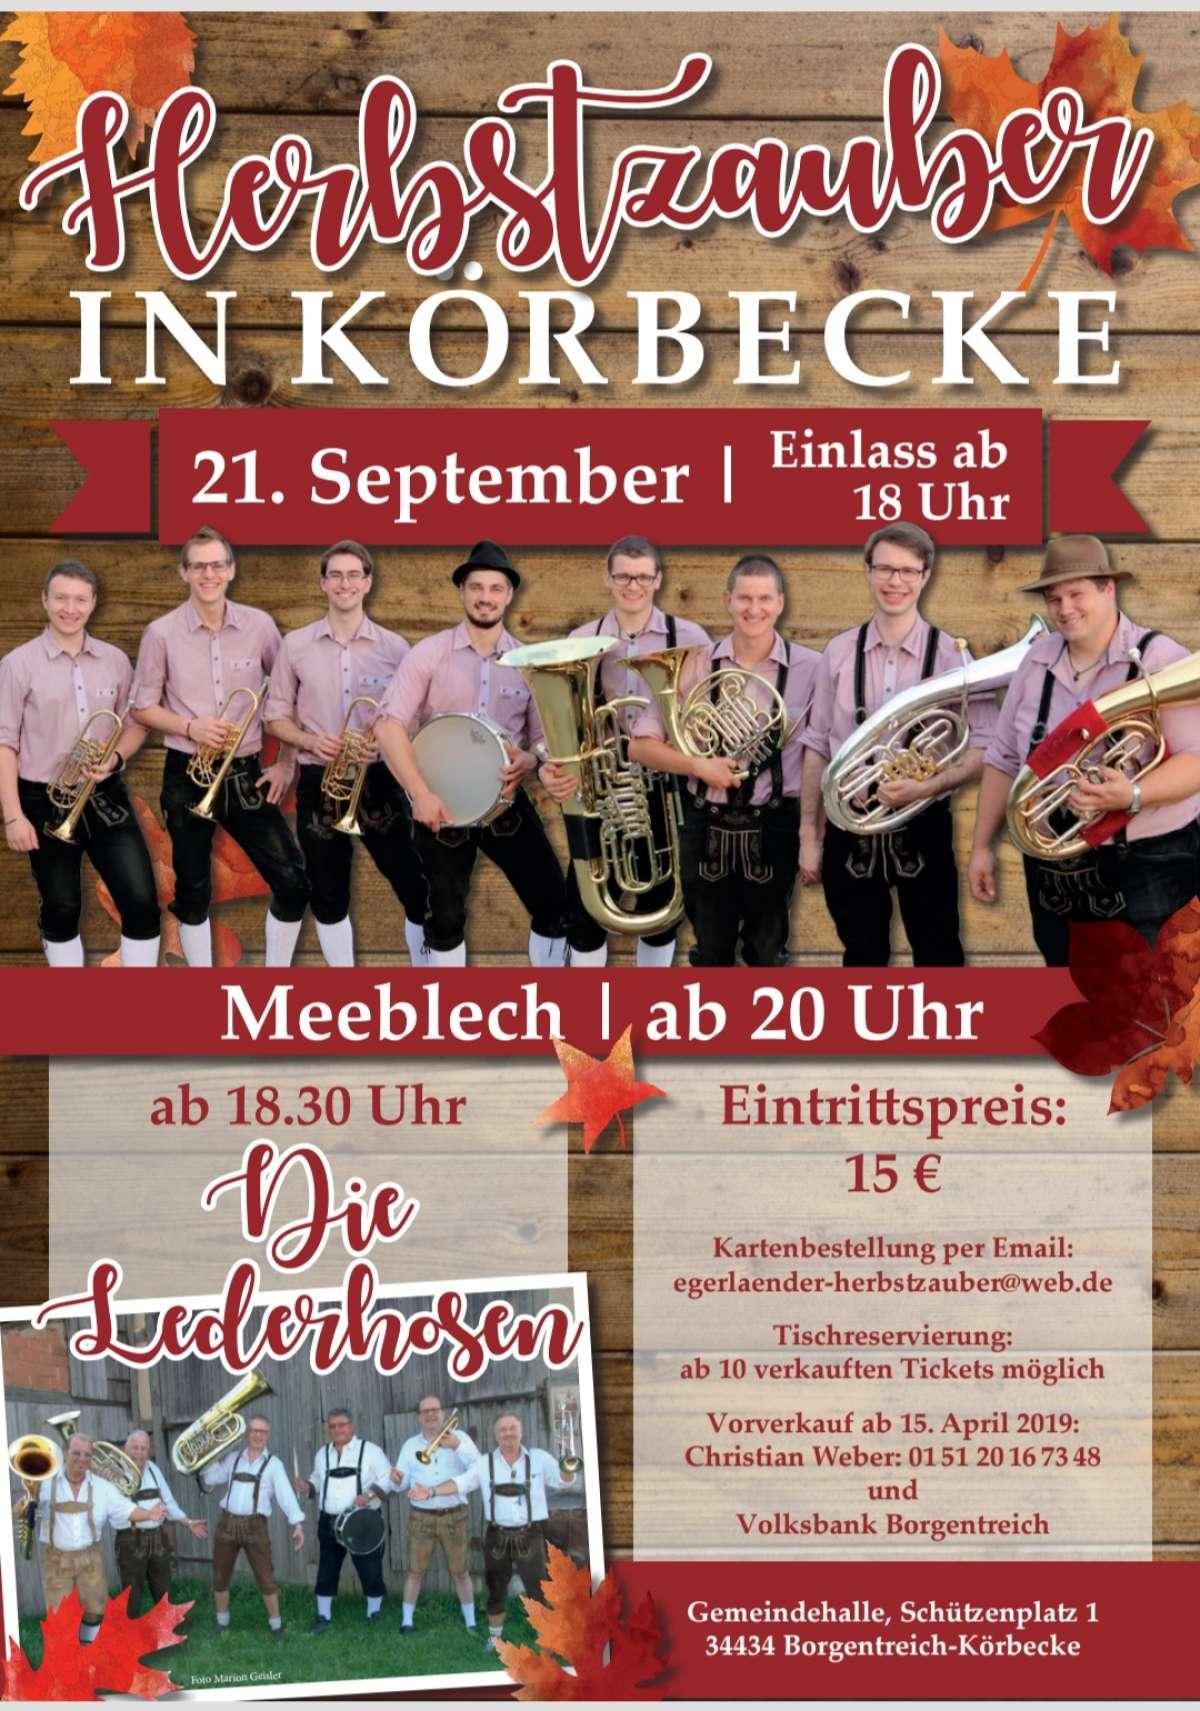 Egerländer Herbstzauber - Meeblech, Die Lederhosen - Gemeindehalle  - Körbecke